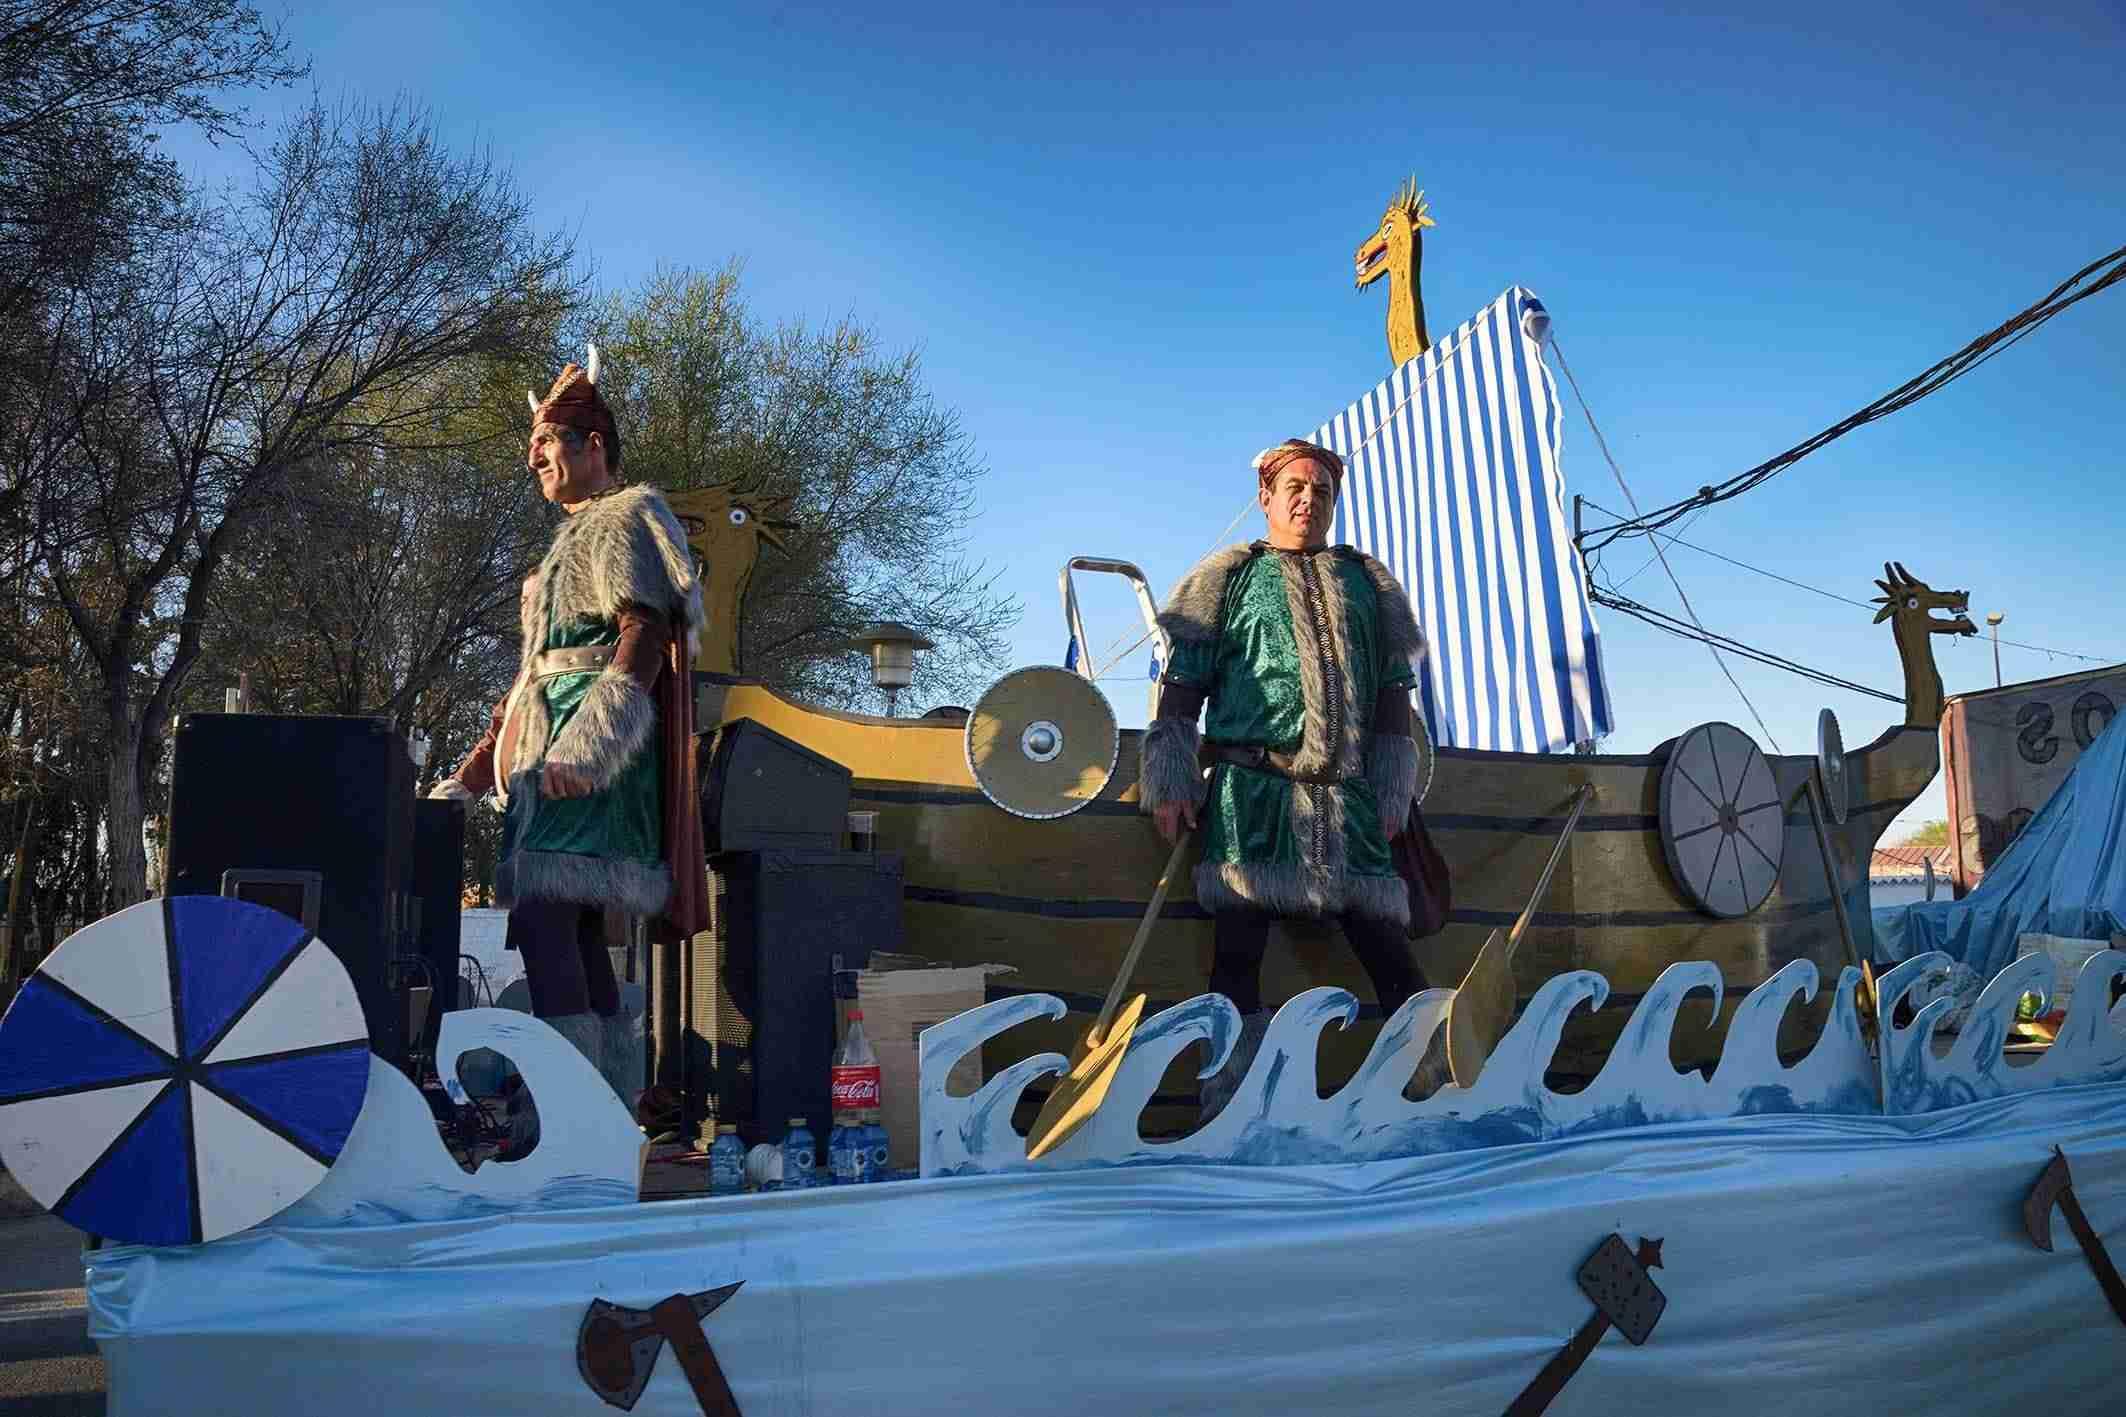 El Desfile de Comparsas Infantiles abre la actividad en la calle del Carnaval de Argamasilla de Alba 7